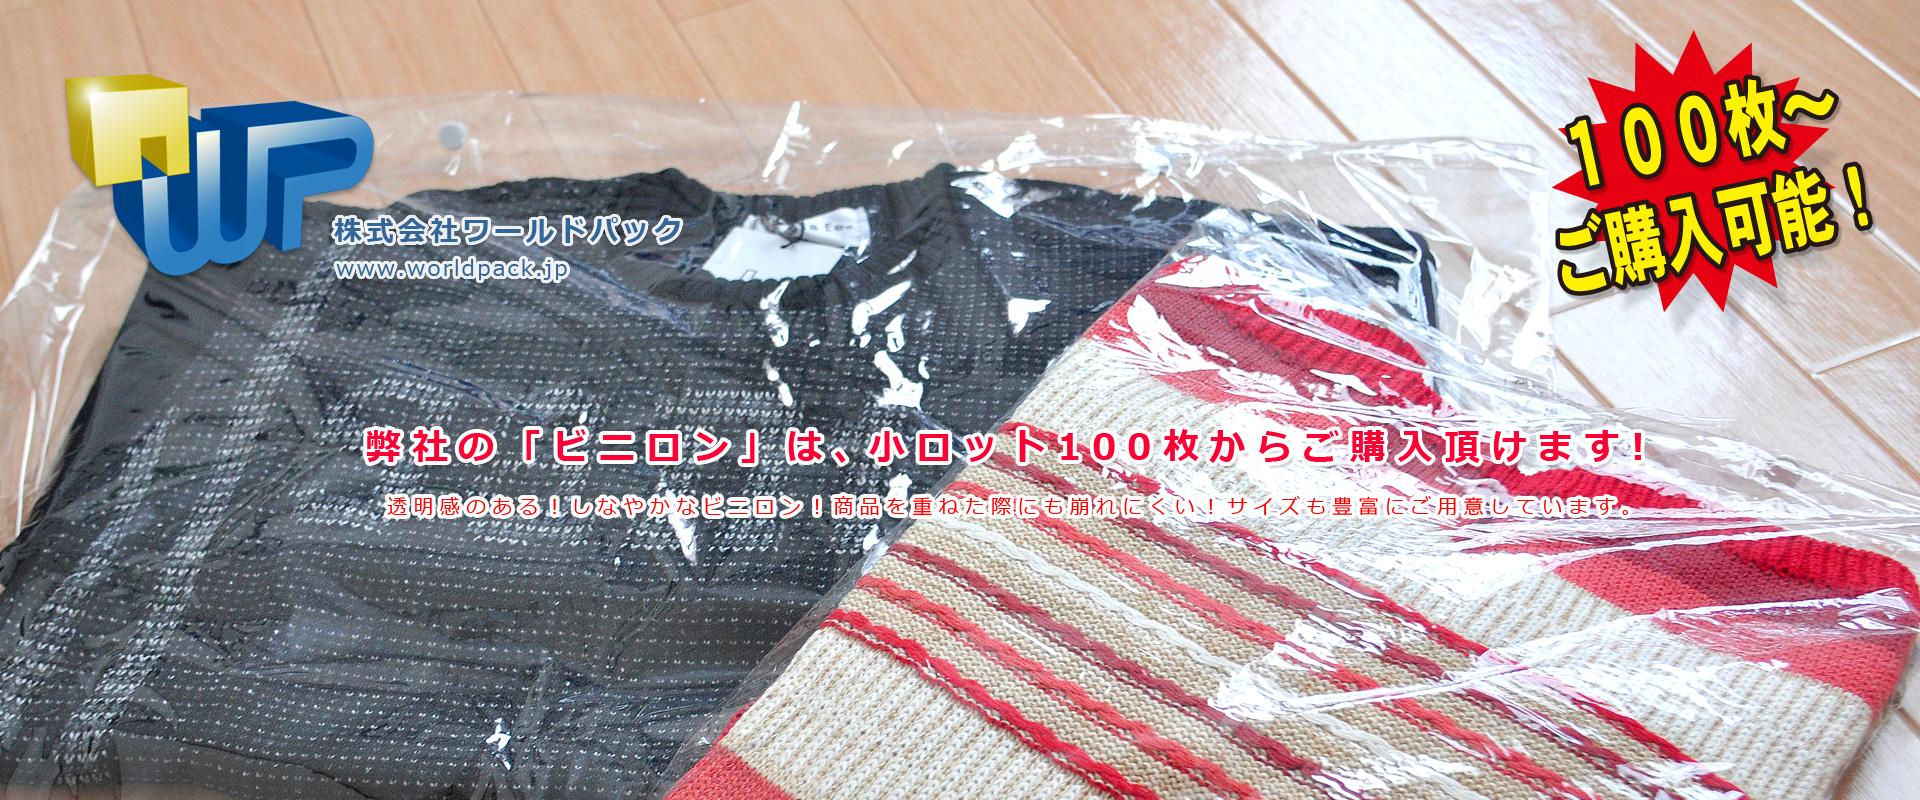 衣料品包装には定番のビニロン袋 株式会社ワールドパック 東京、神奈川、埼玉、千葉、茨城、群馬、栃木